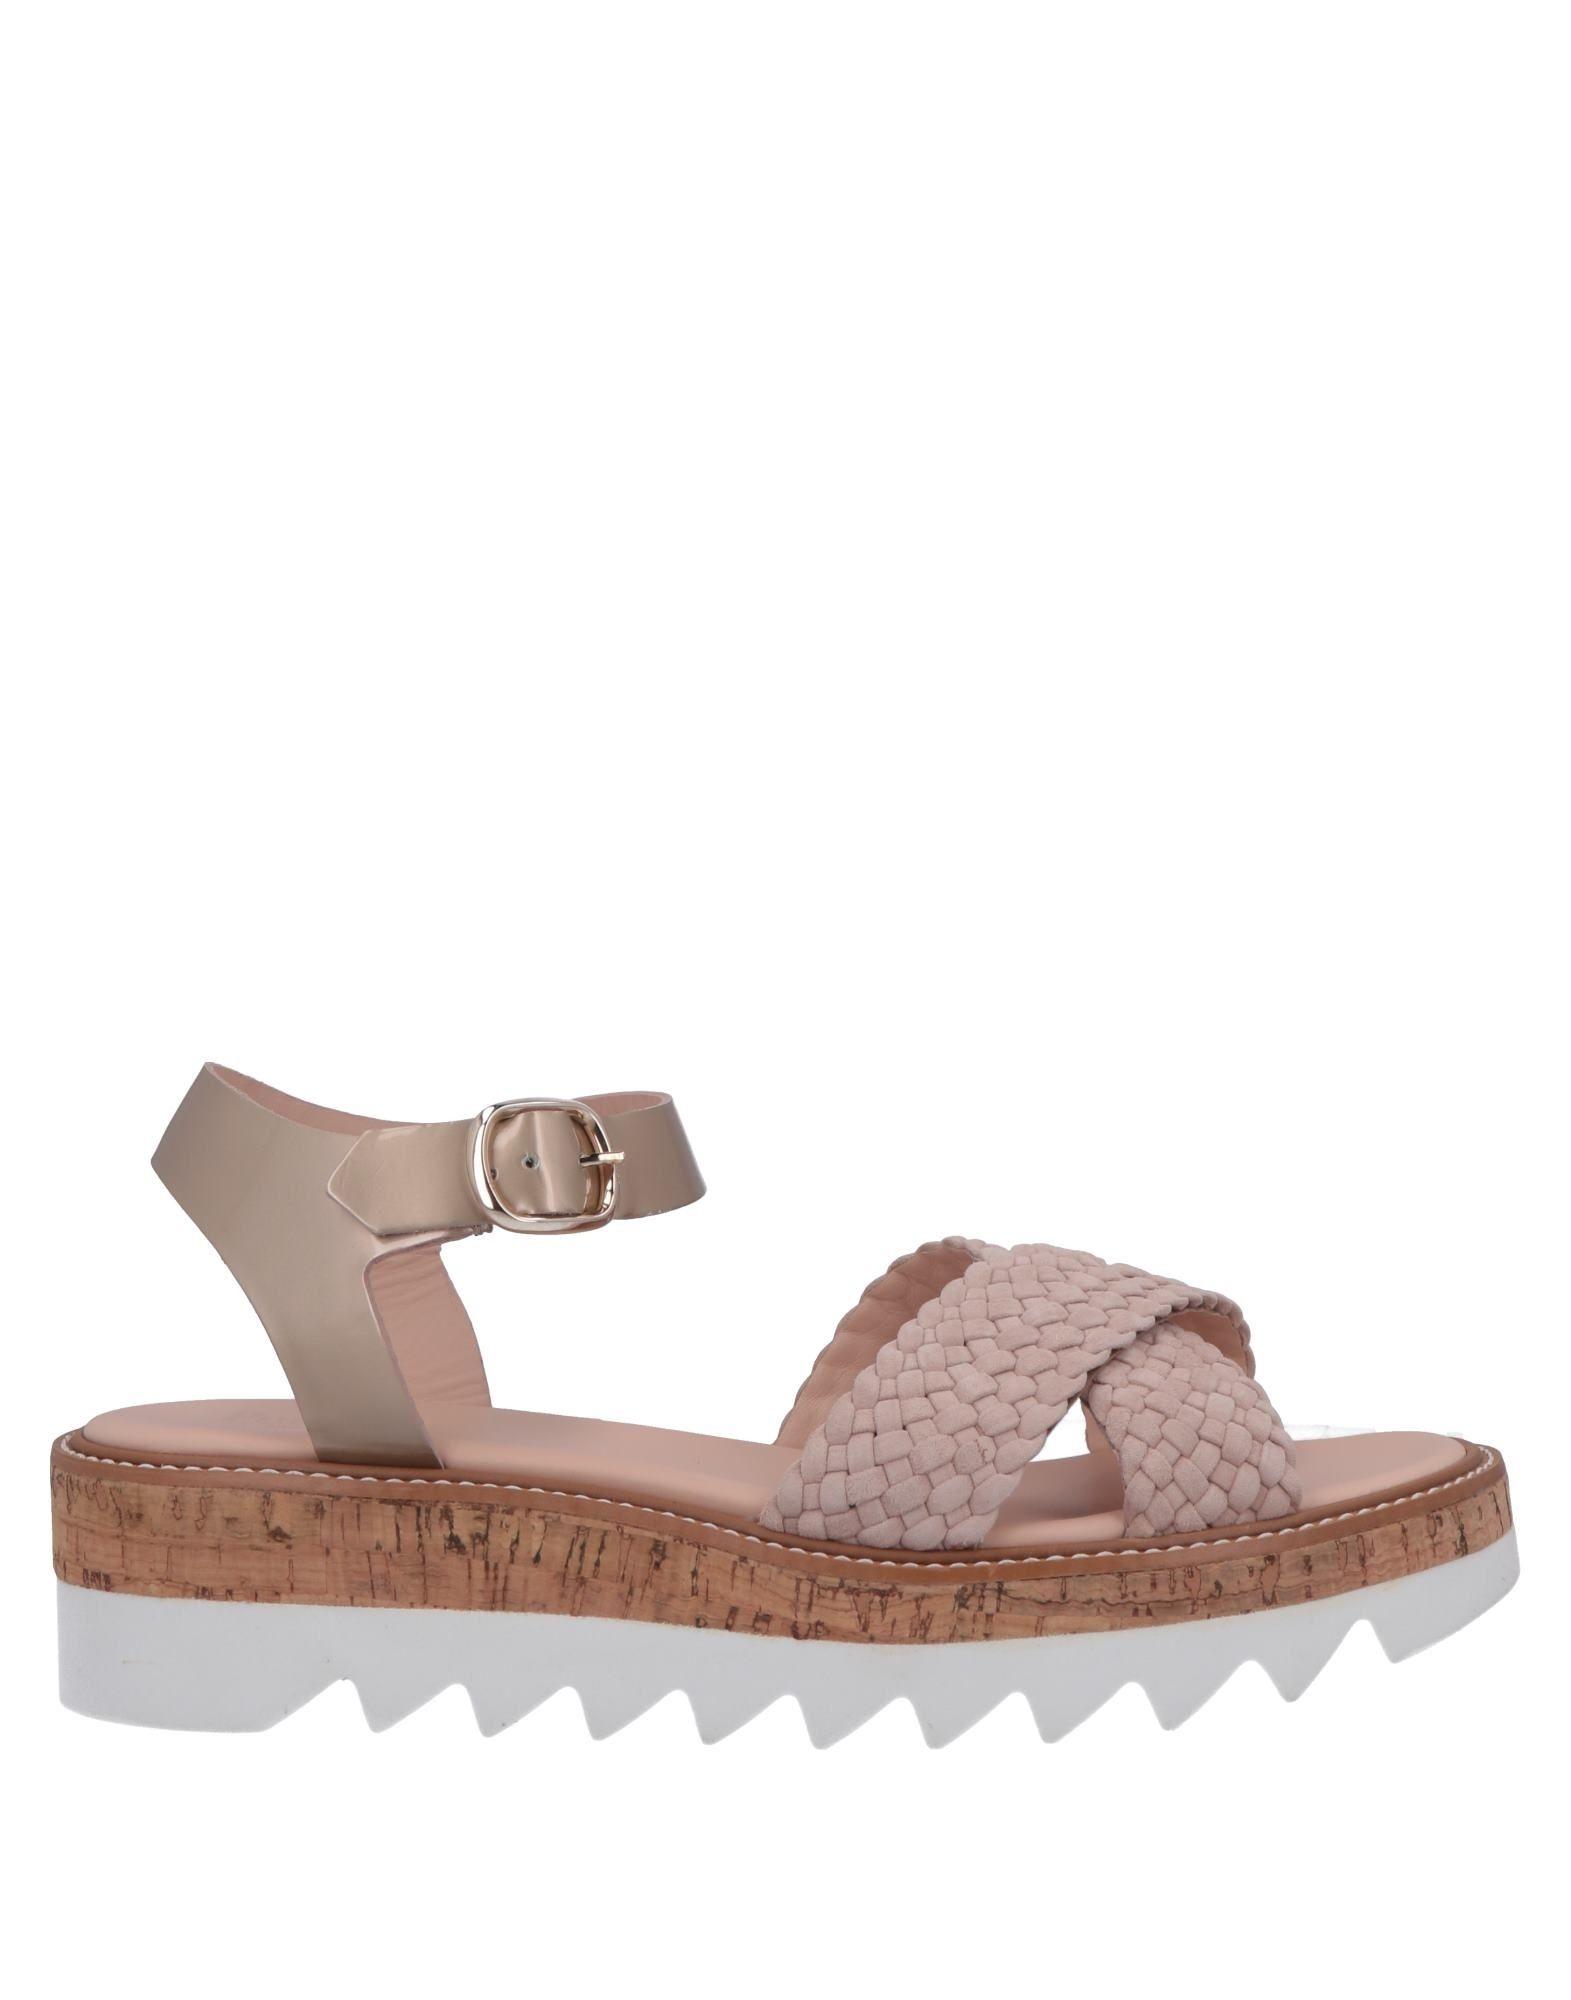 PERTINI | PERTINI Sandals 11655528 | Goxip